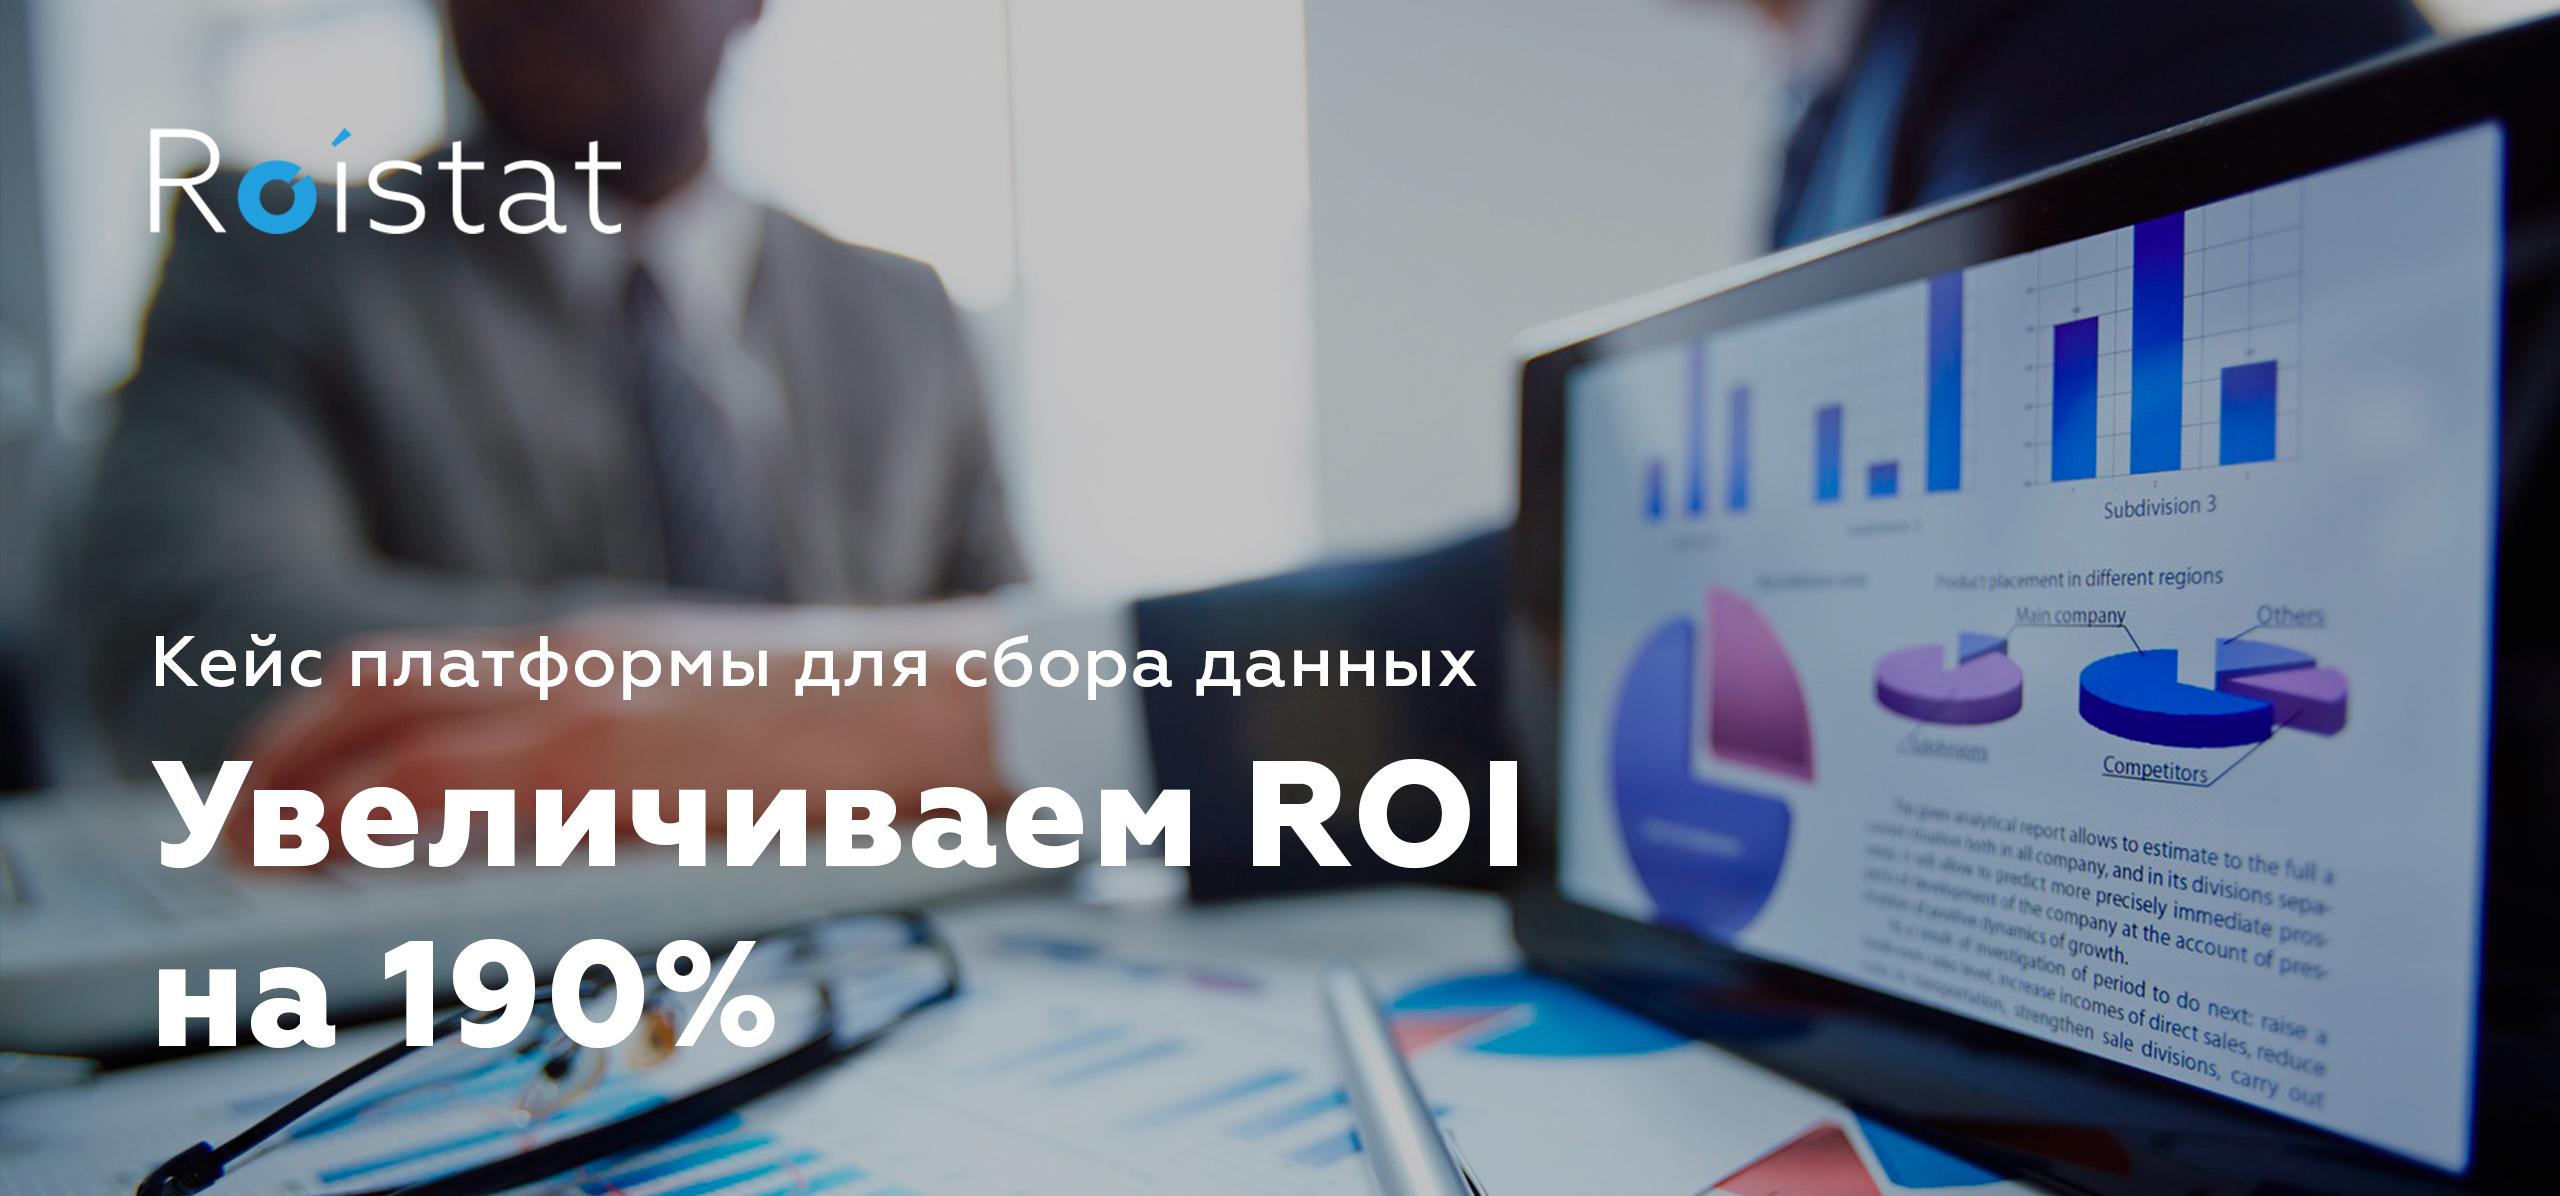 Кейс платформы для сбора данных: увеличиваем ROI  на 190%